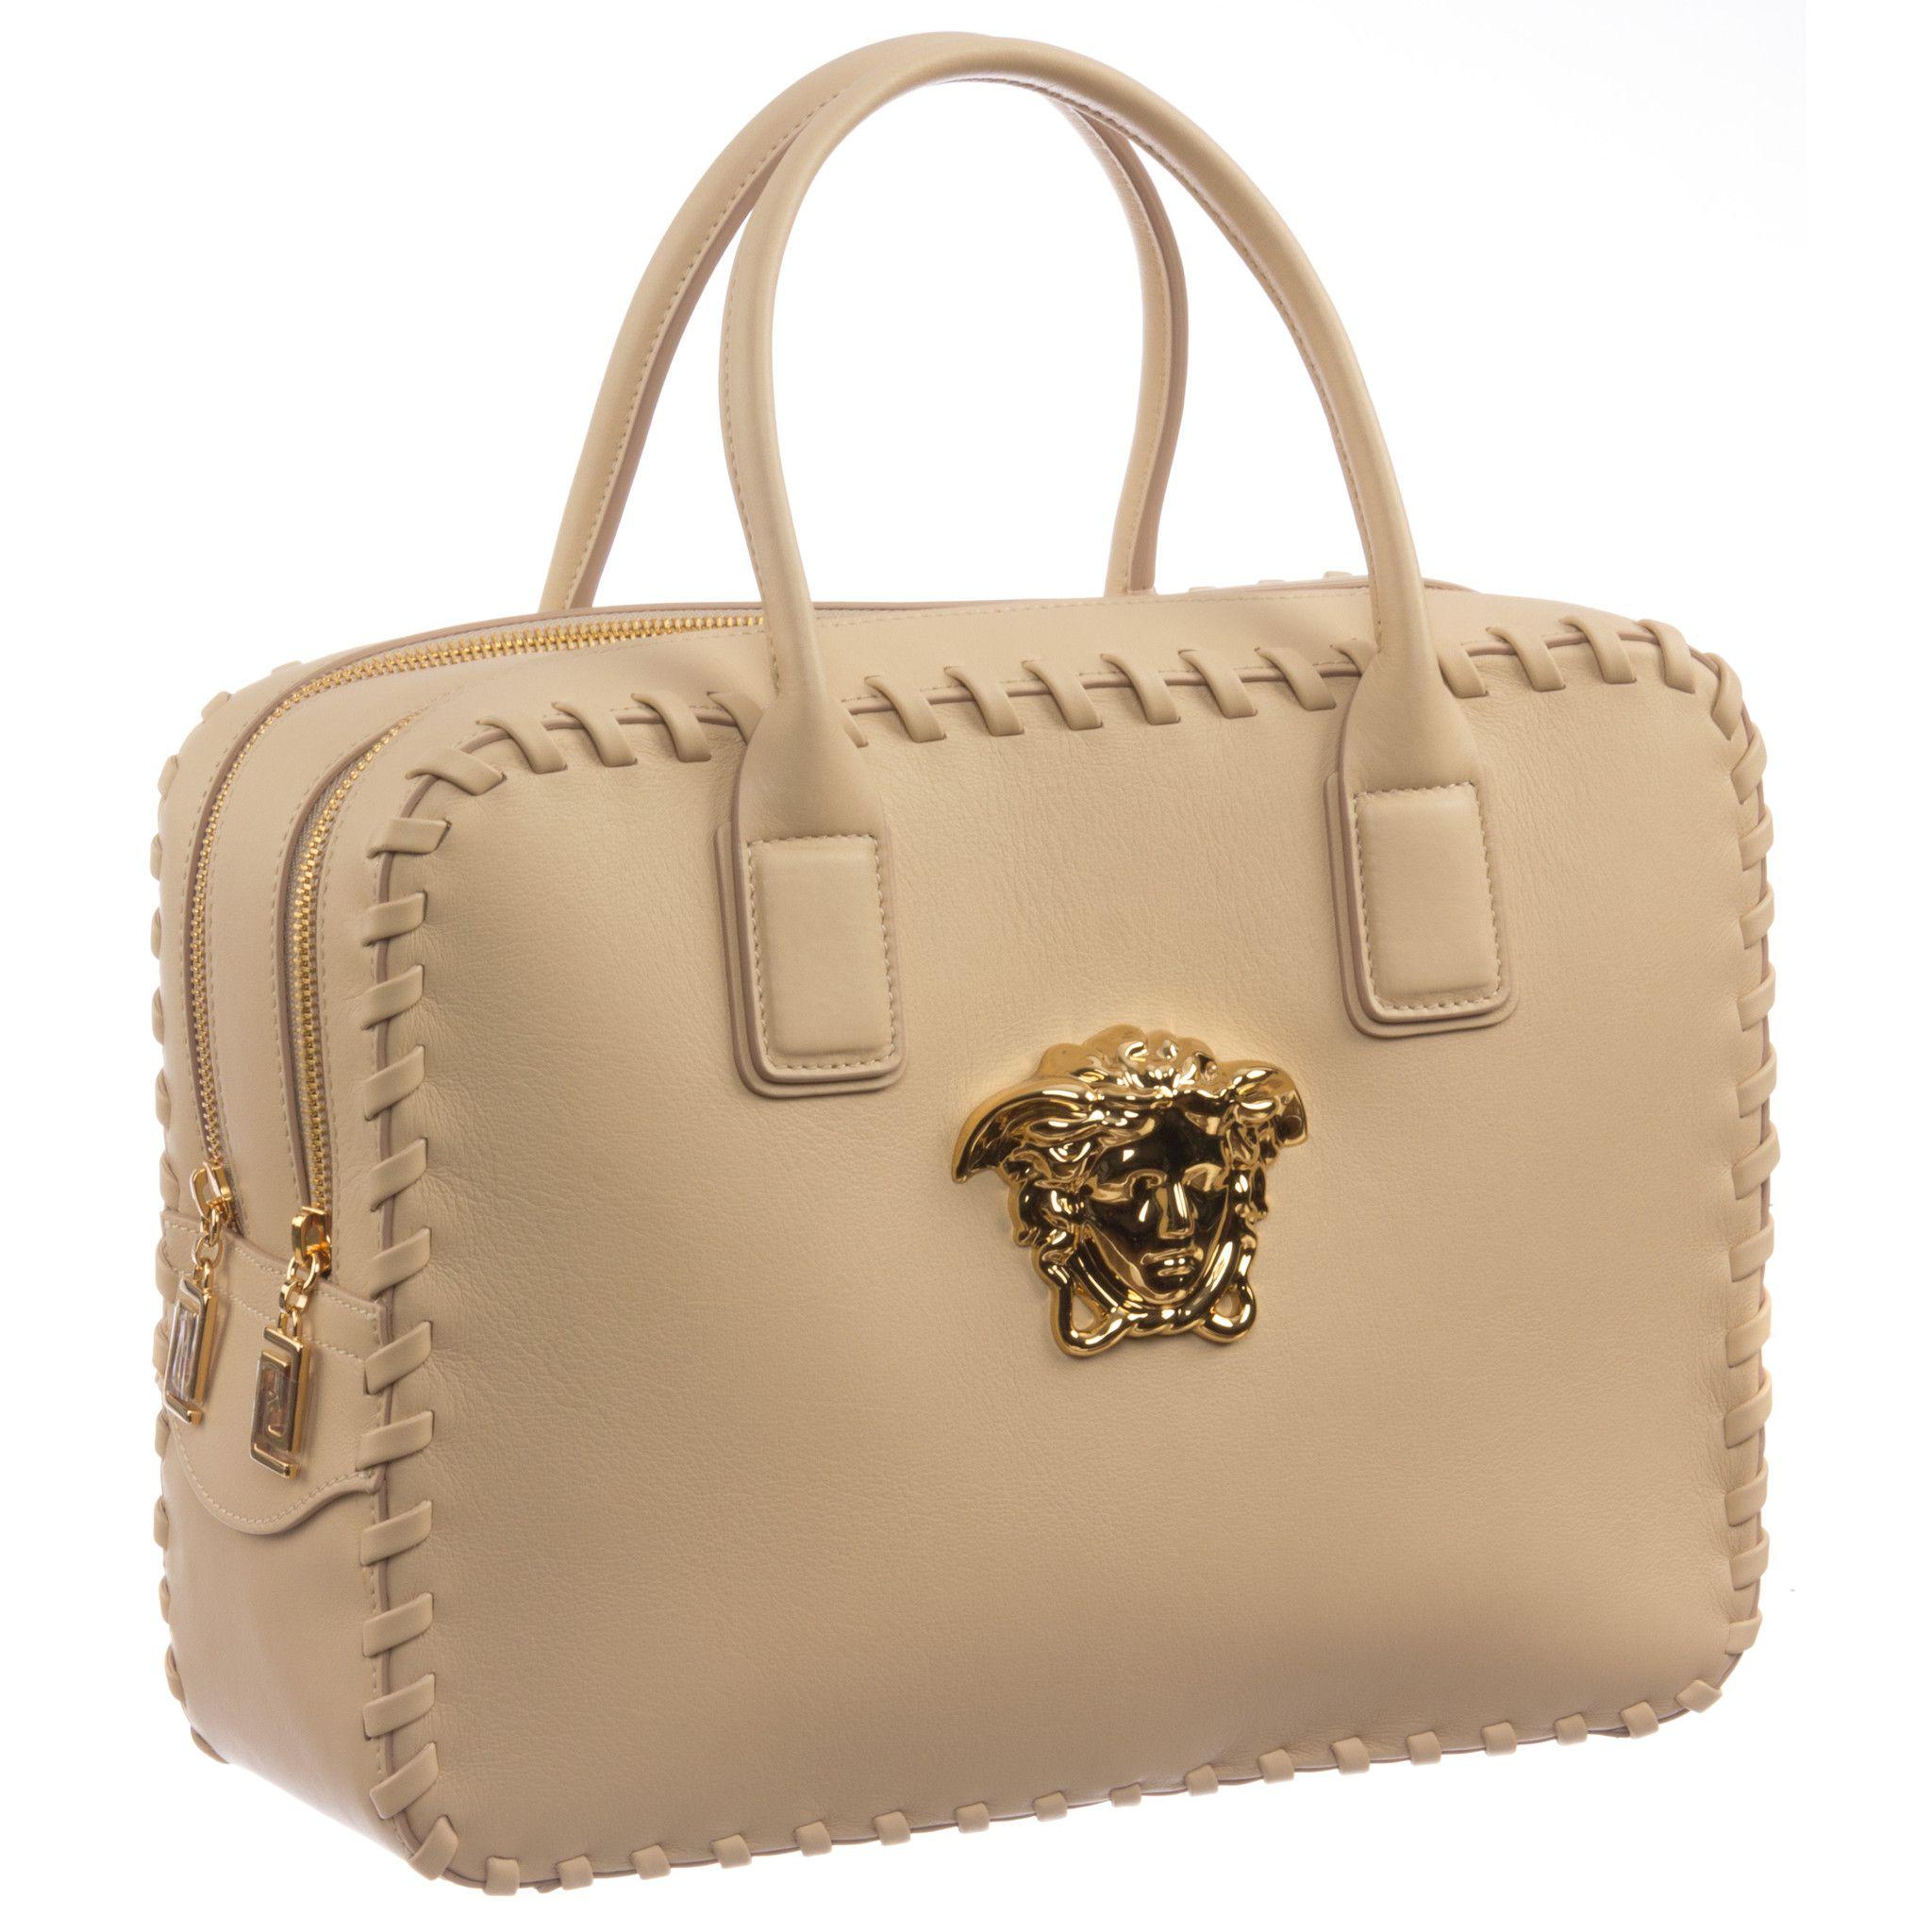 Versace Signature Medusa Lock Leather Handbag-K240H Cuero Auténtico a9e45f31162ba